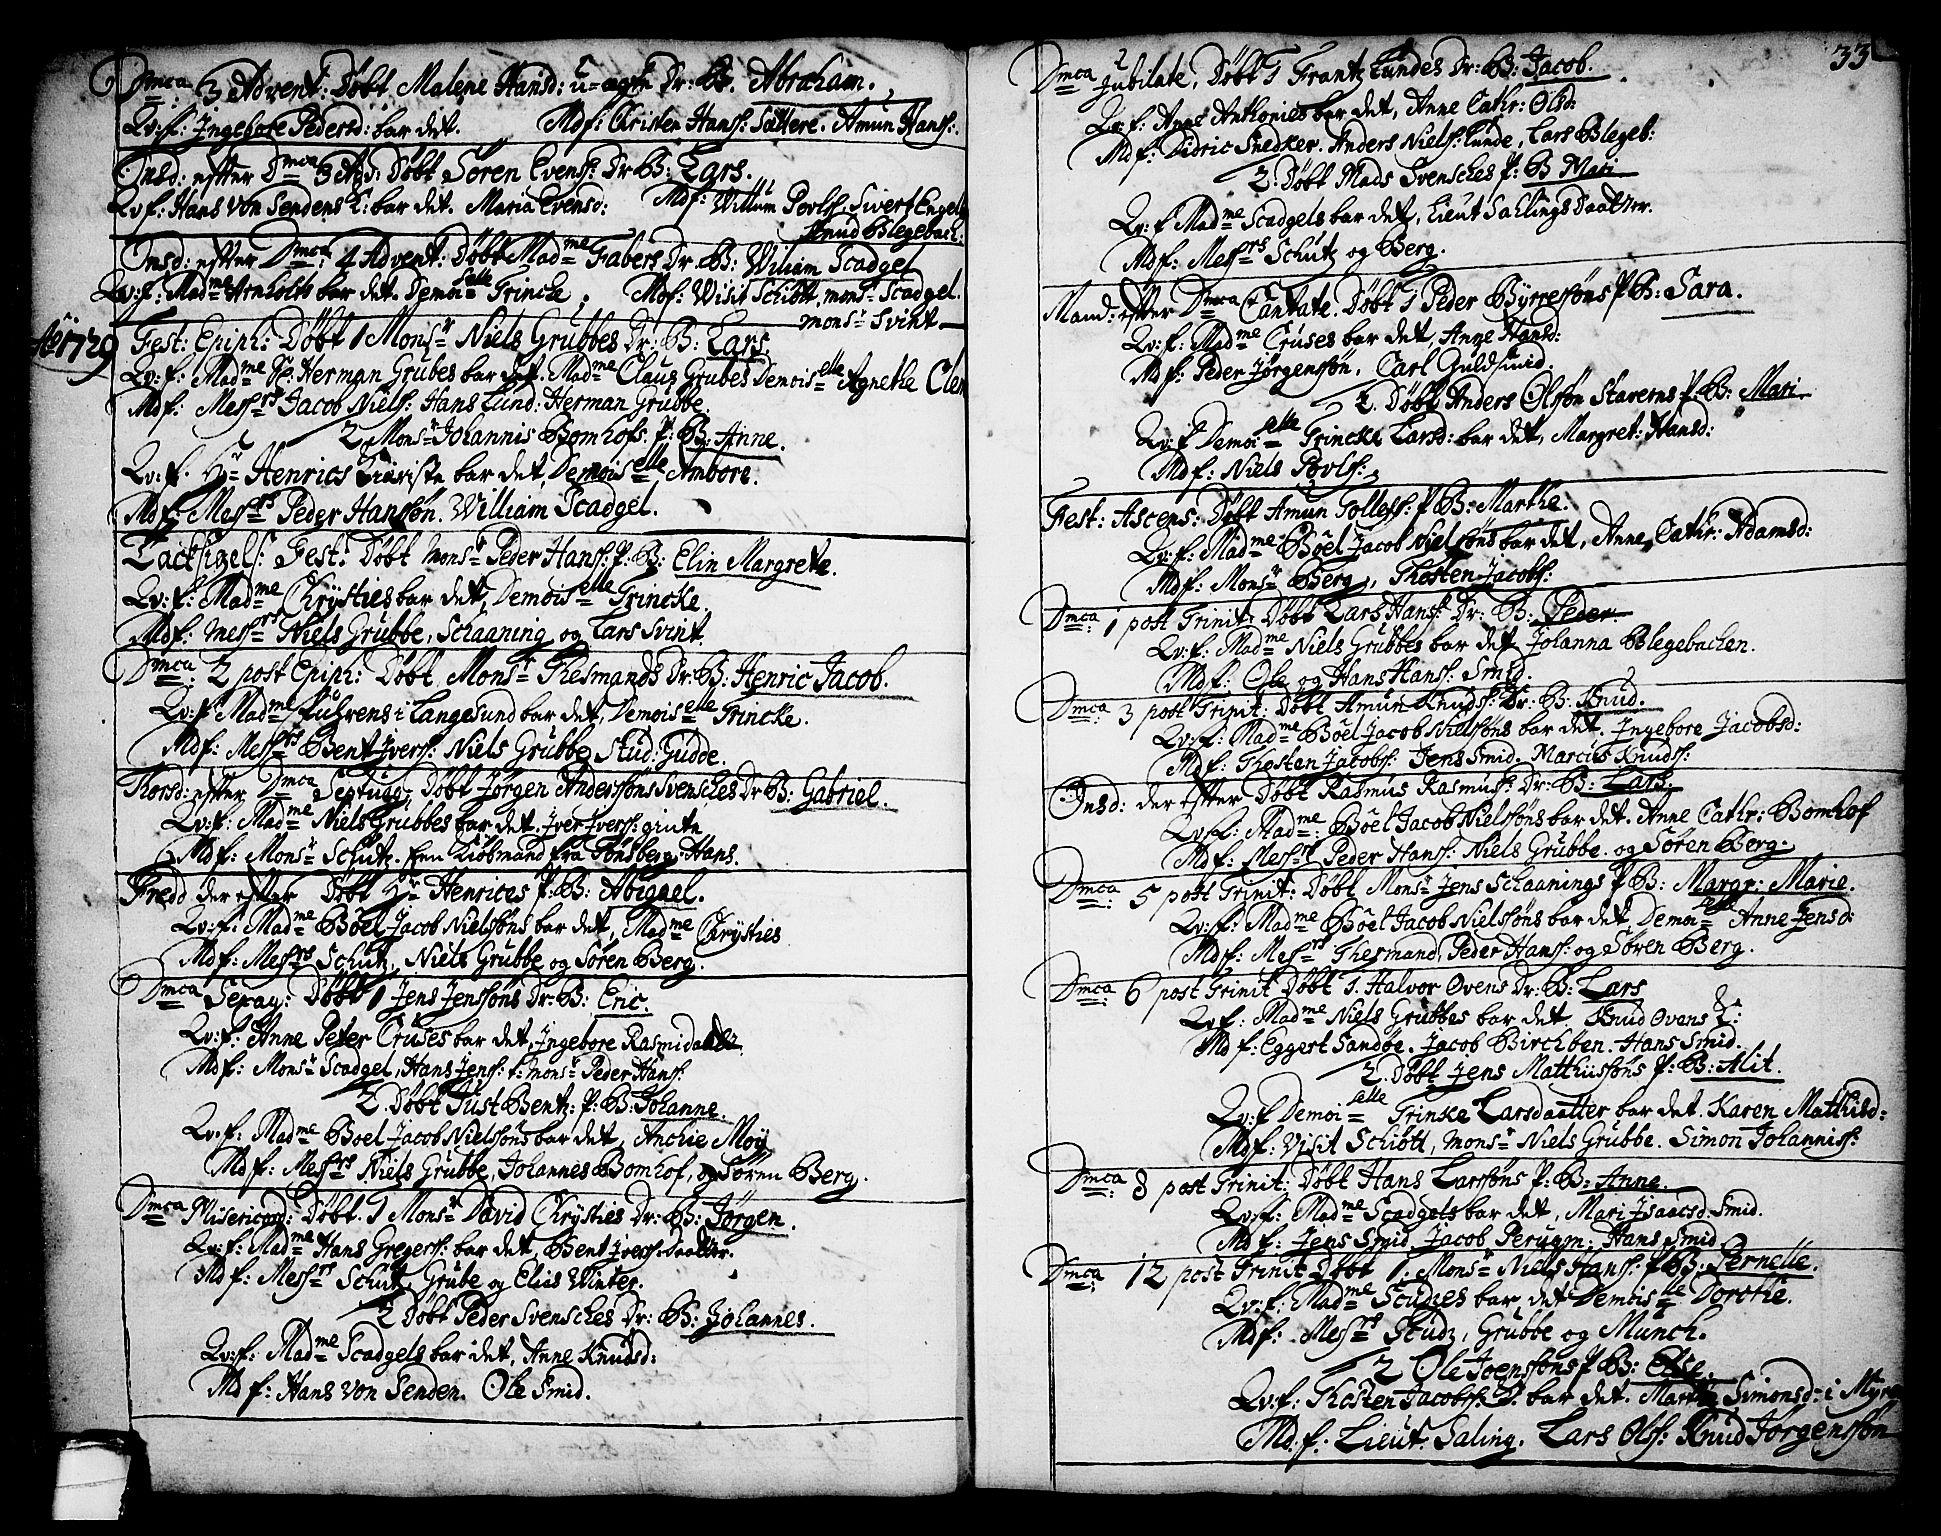 SAKO, Brevik kirkebøker, F/Fa/L0002: Ministerialbok nr. 2, 1720-1764, s. 33